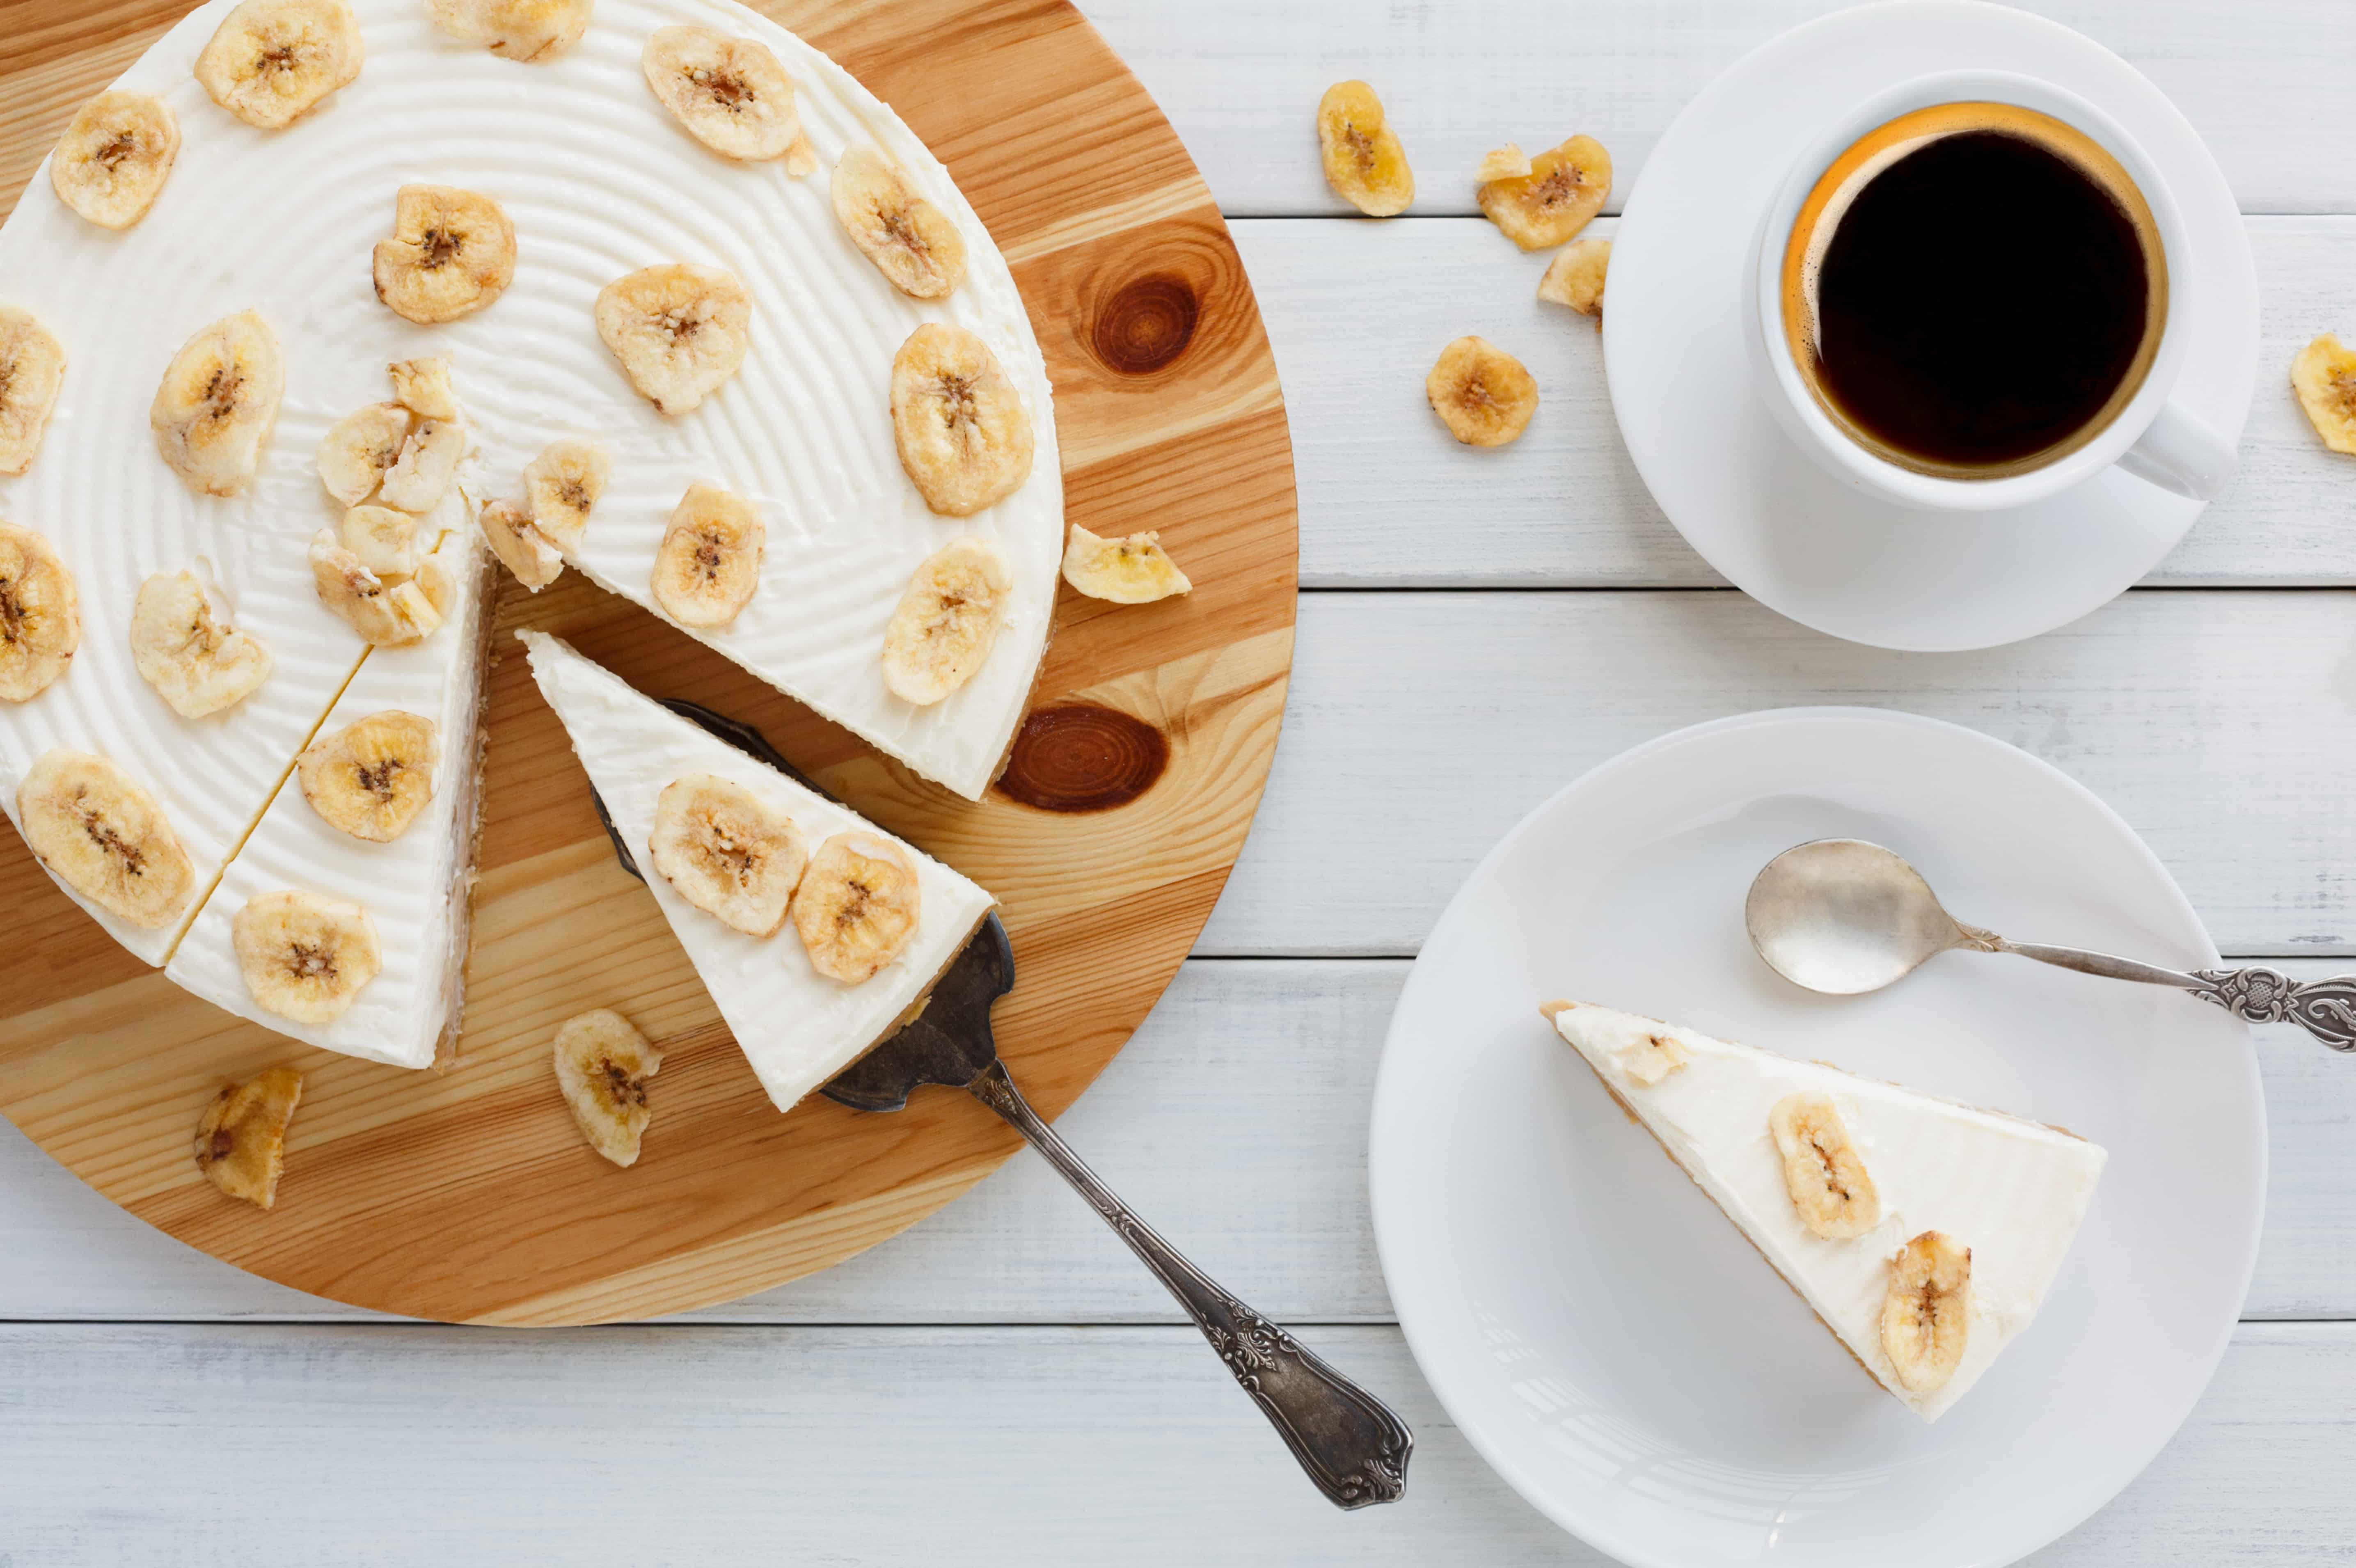 Рецепт ПП чизкейк. Приготовление полезного чизкейка в домашних условиях